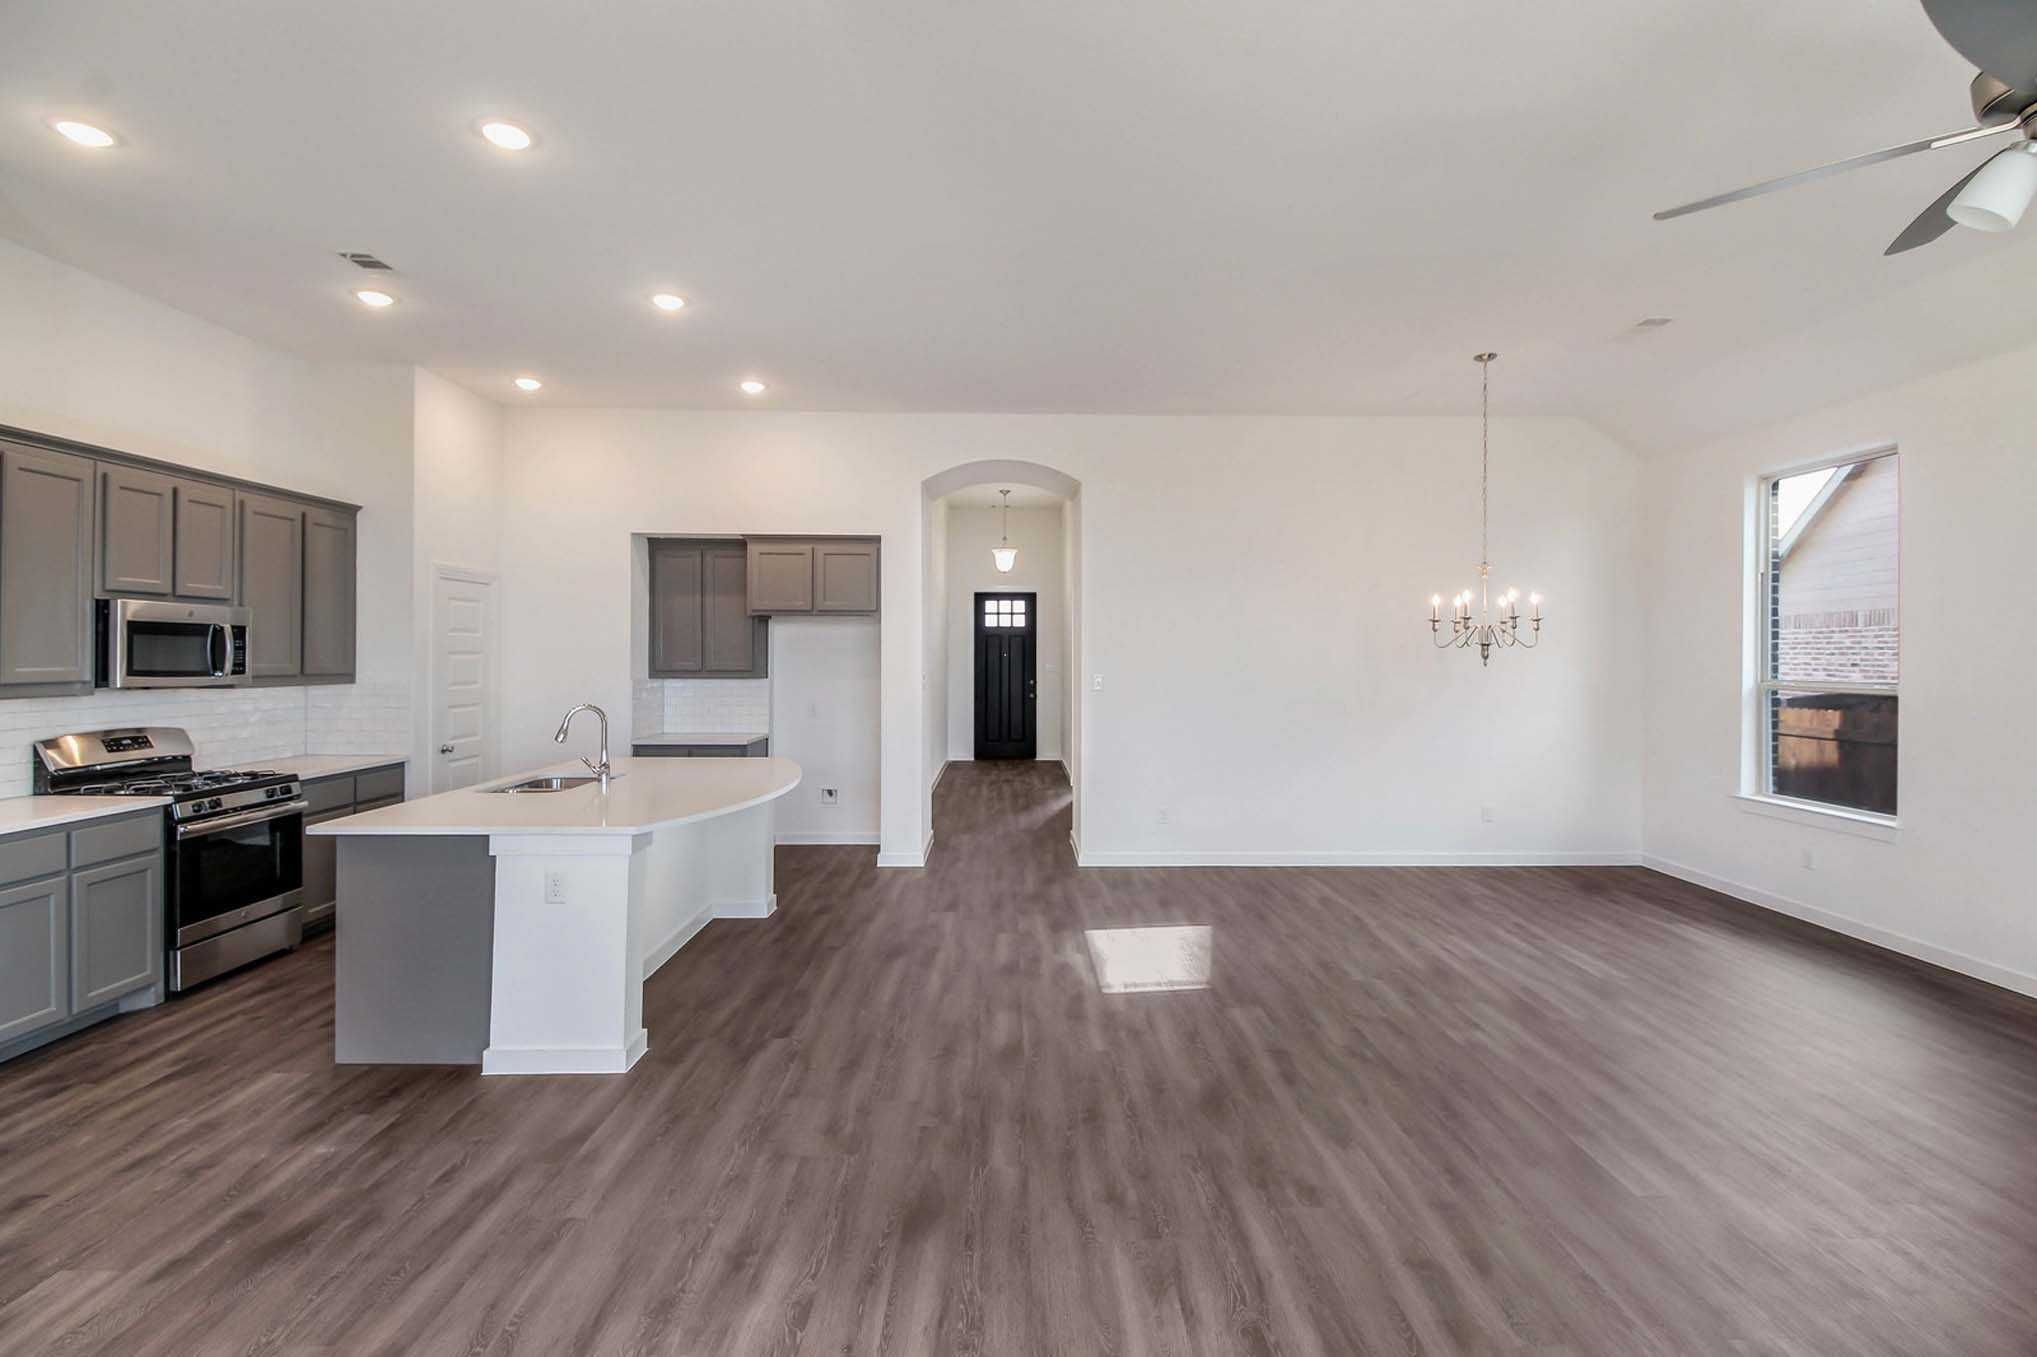 Entry in highland homes glenhurst plan at 5027 brooklet